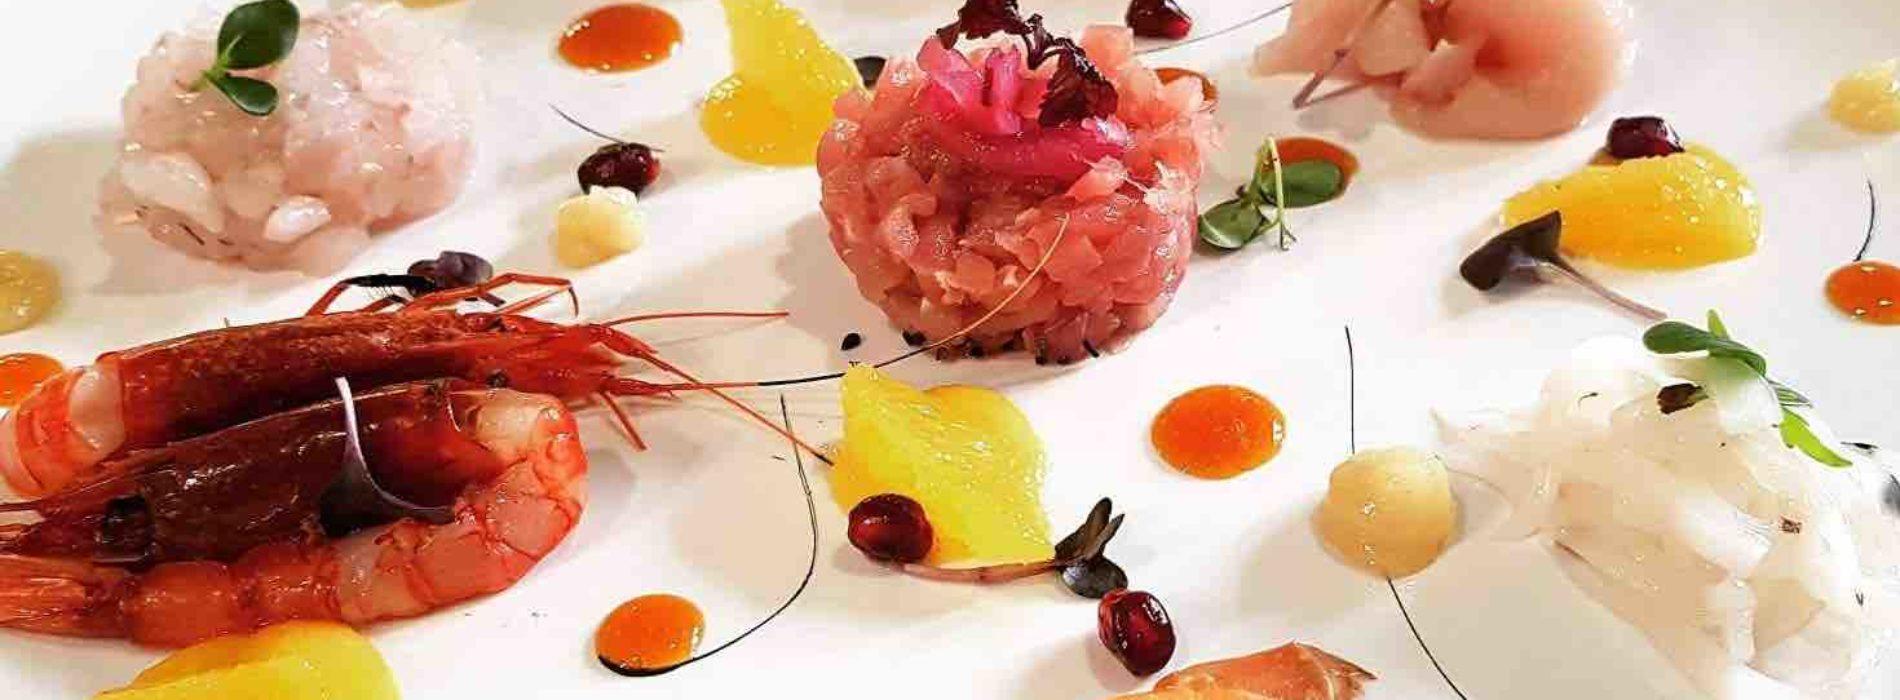 Cenone di Capodanno Palermo 2019, i migliori ristoranti con menu e prezzi